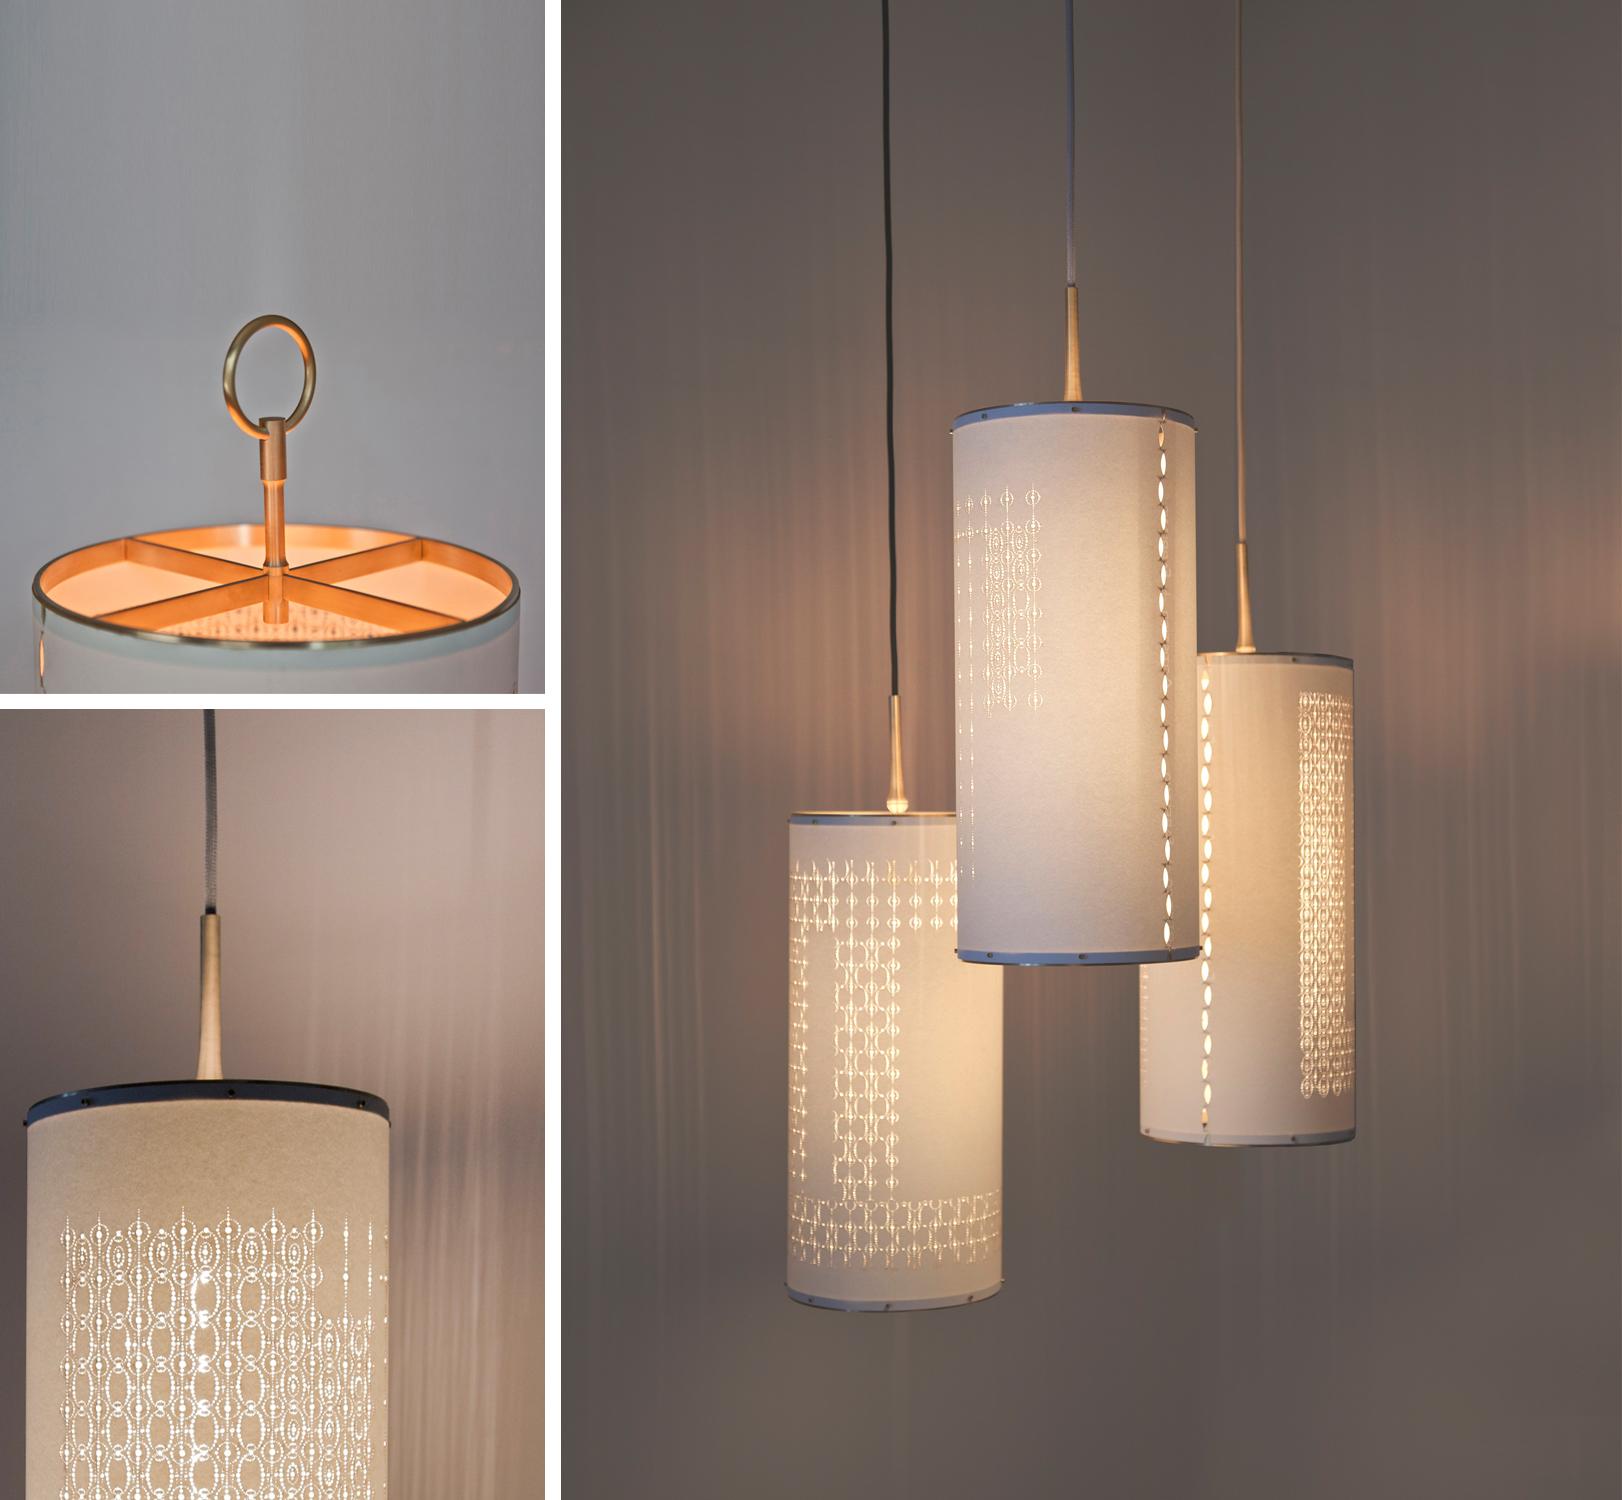 Hikari Lights